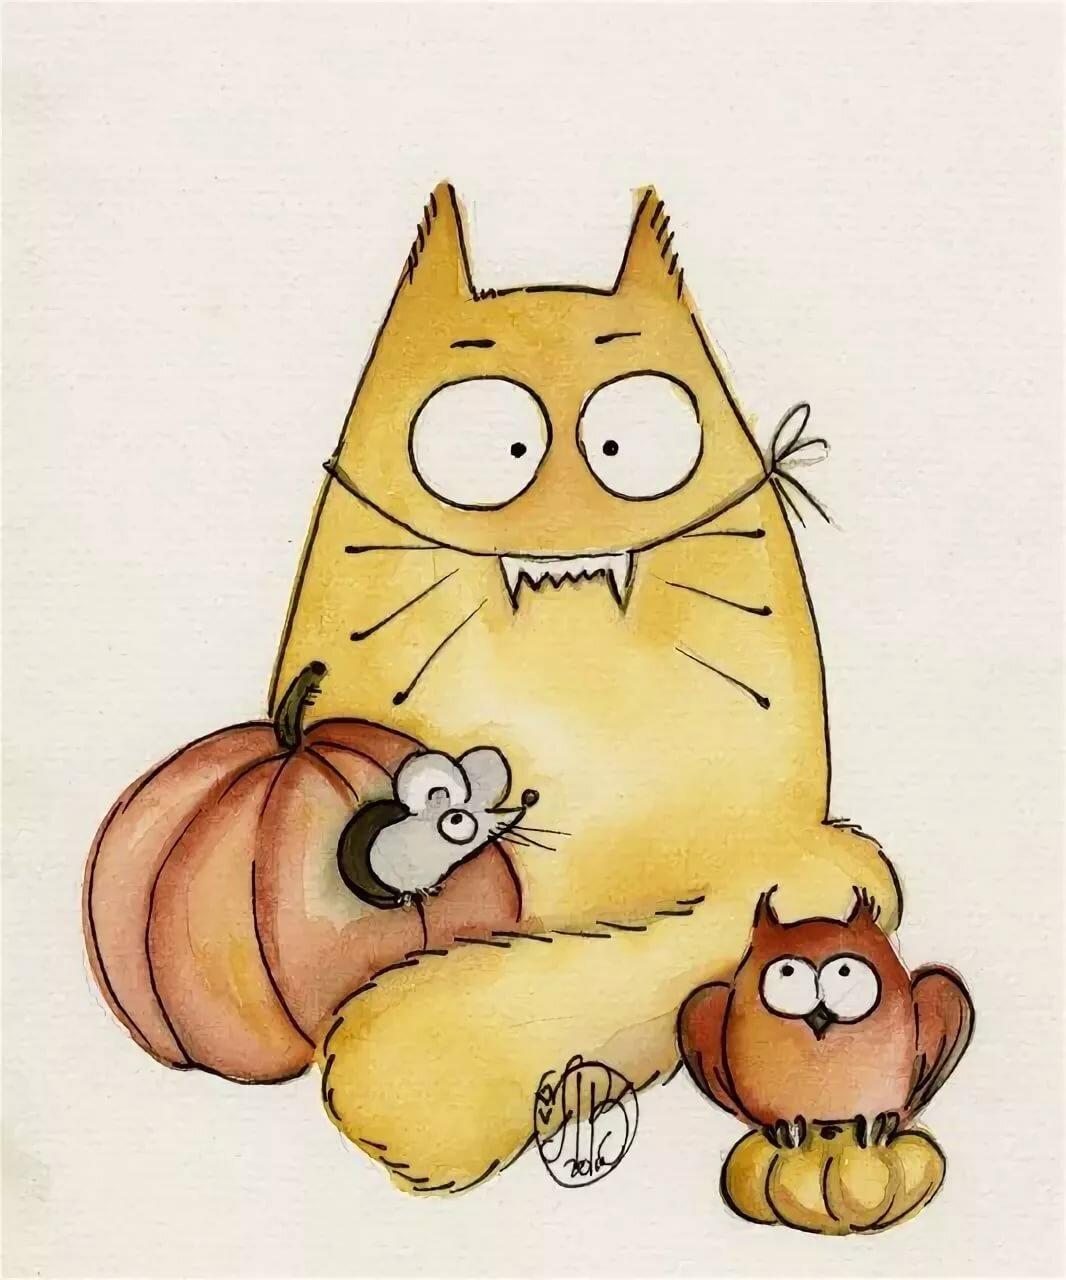 Живые открытки, картинки смешные мультяшные котики